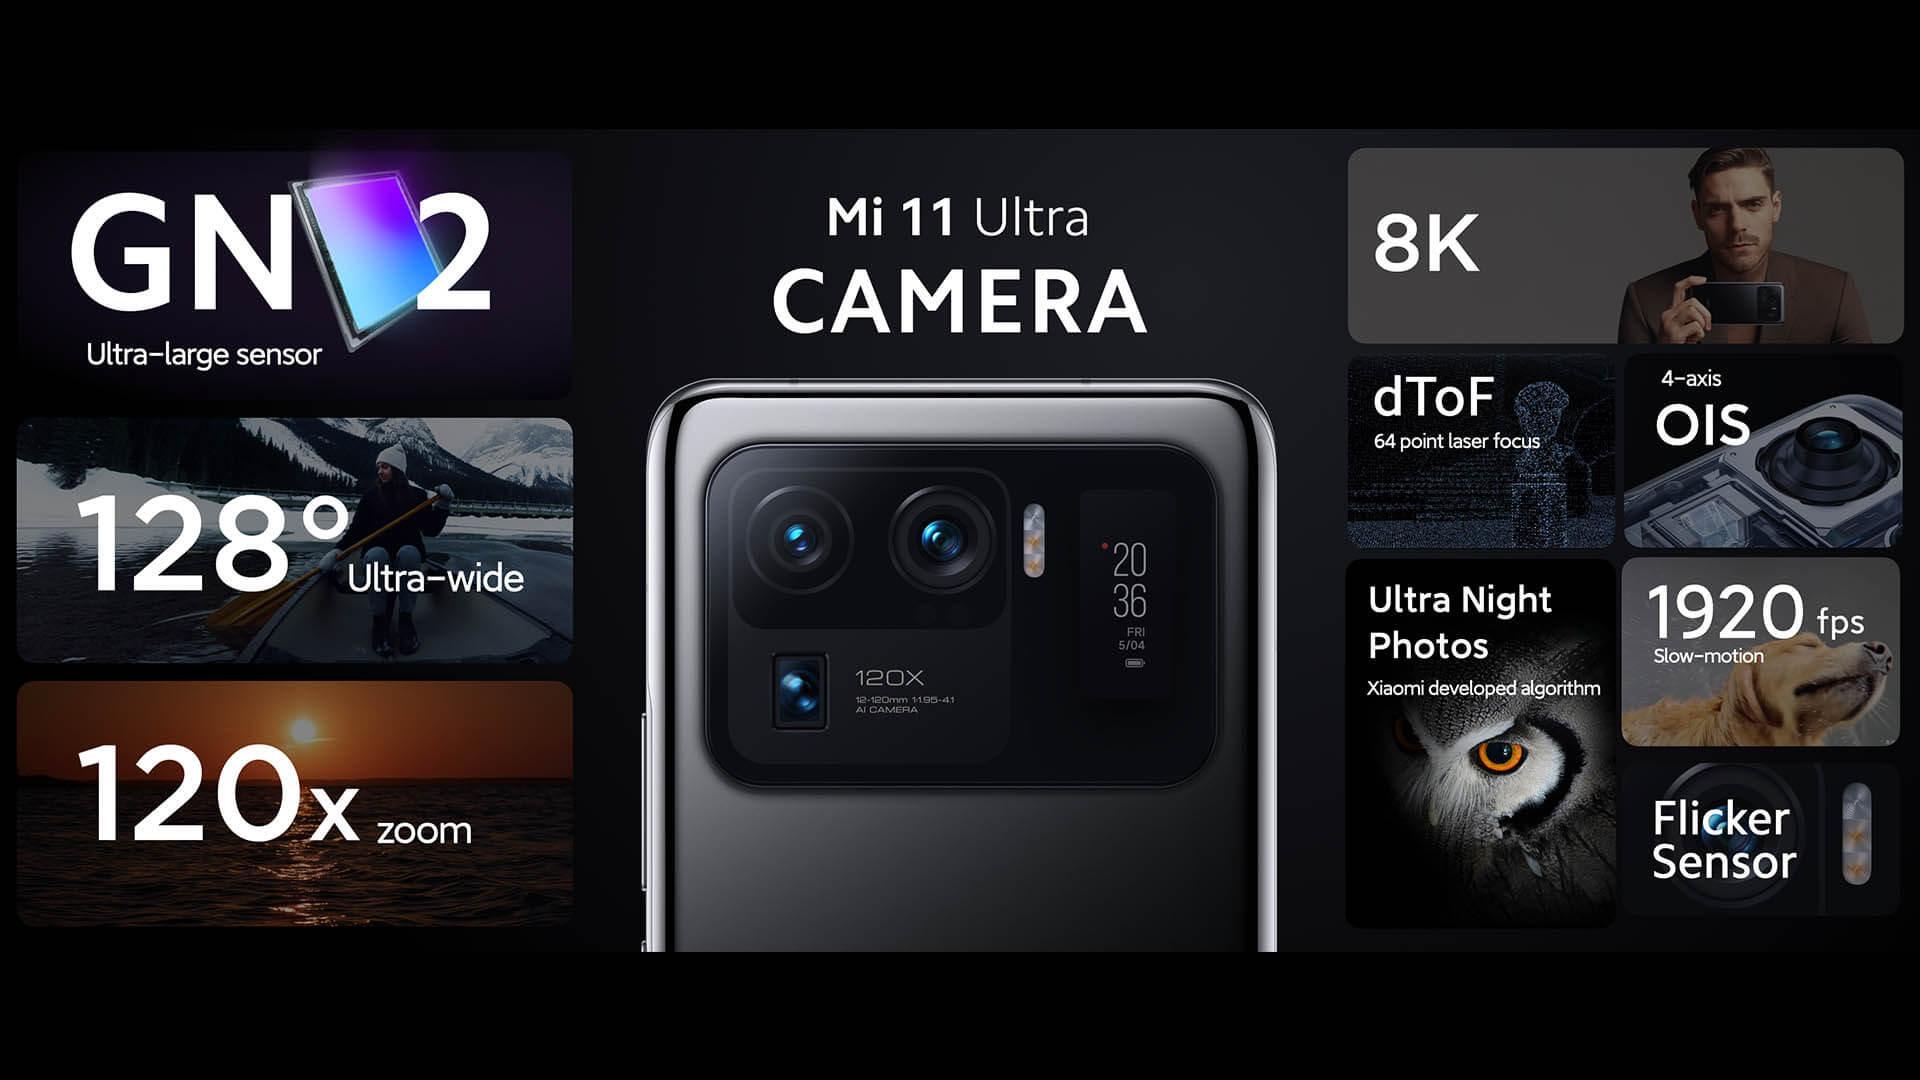 Xiaomi Mi 11 Ultraのカメラに関する情報